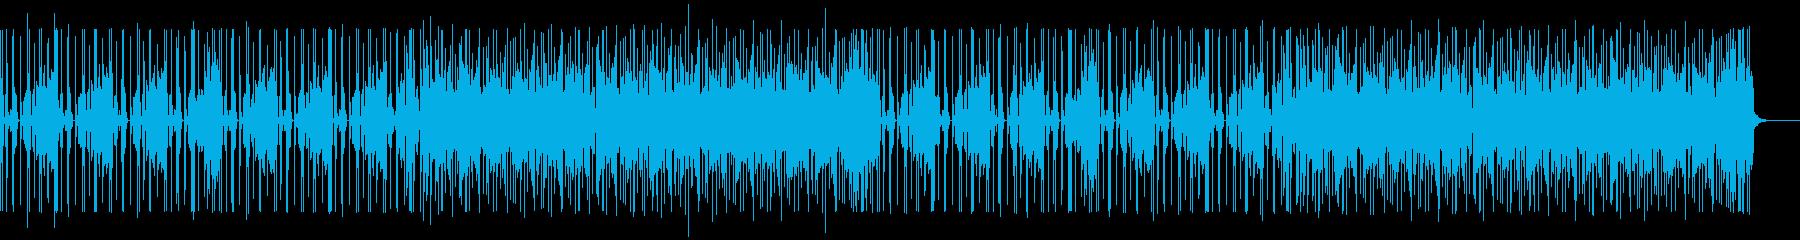 ファンキーなBGM Aの再生済みの波形